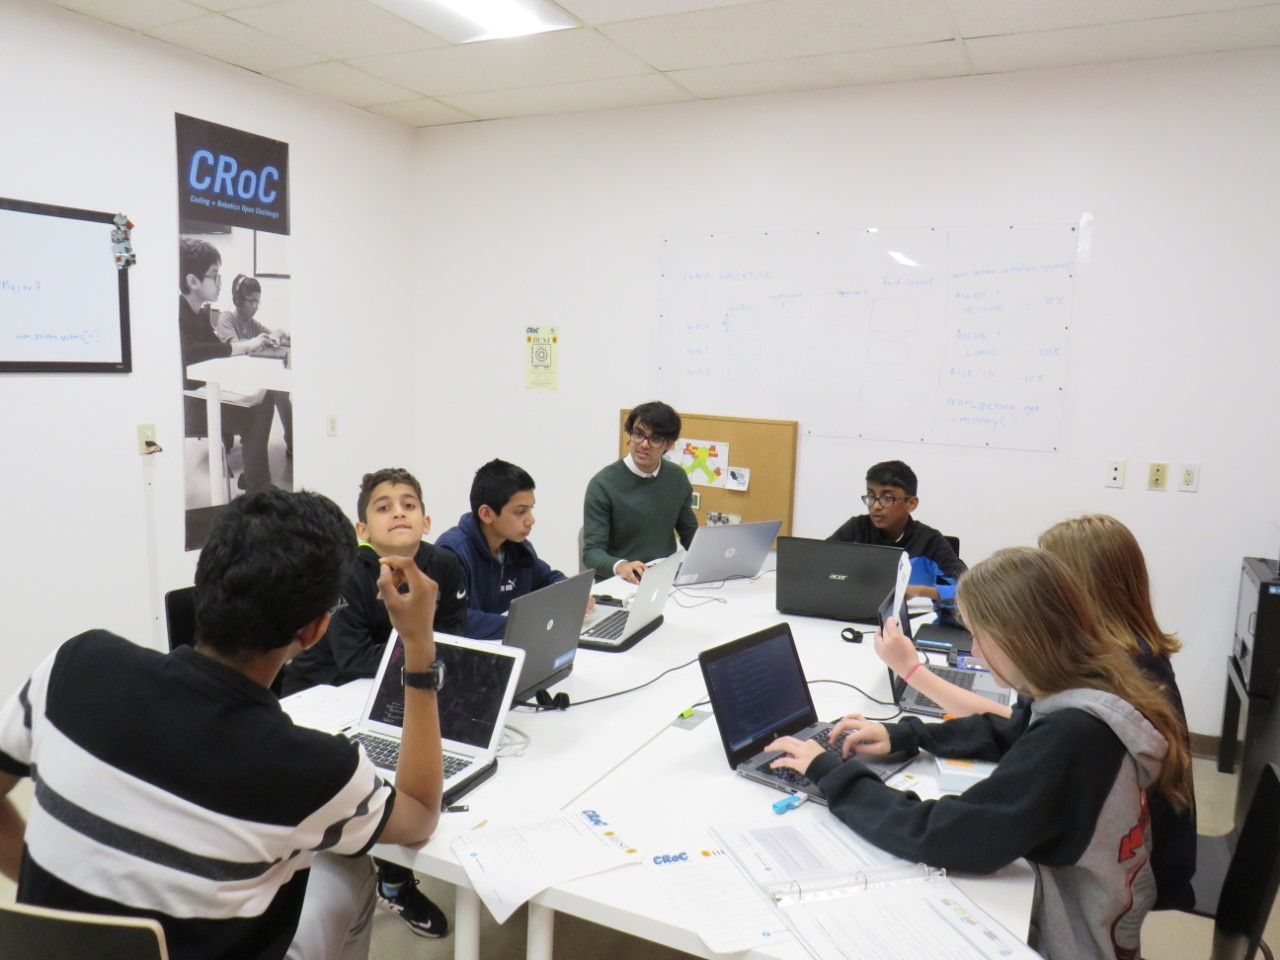 CRoC Coding Hackathon